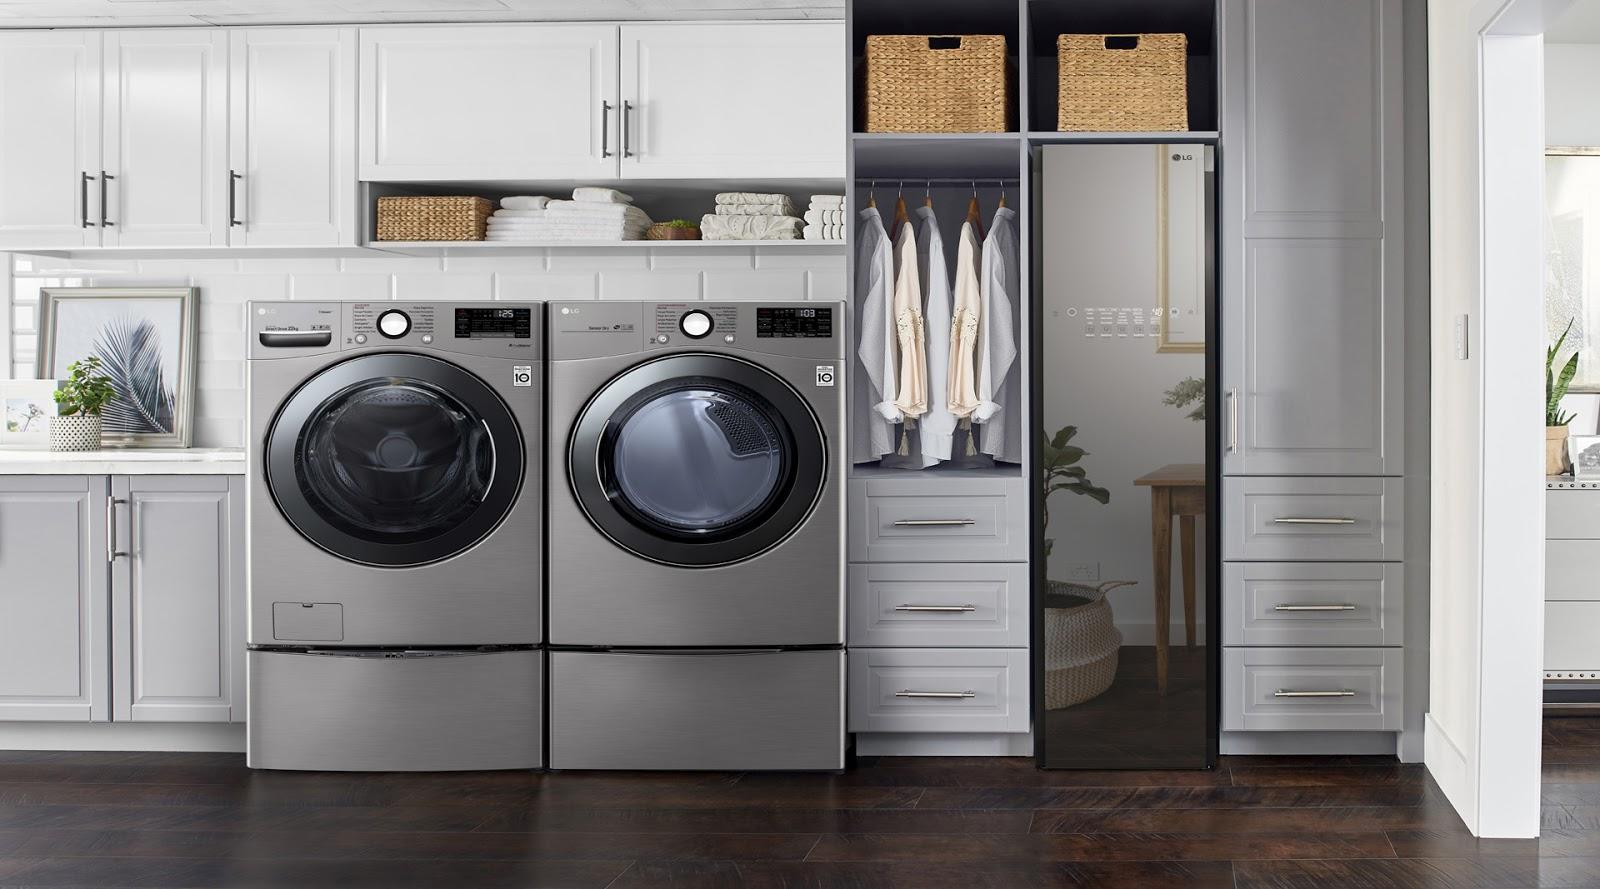 LG favorece el cuidado y manejo del agua gracias a su tecnología Eco Hybrid